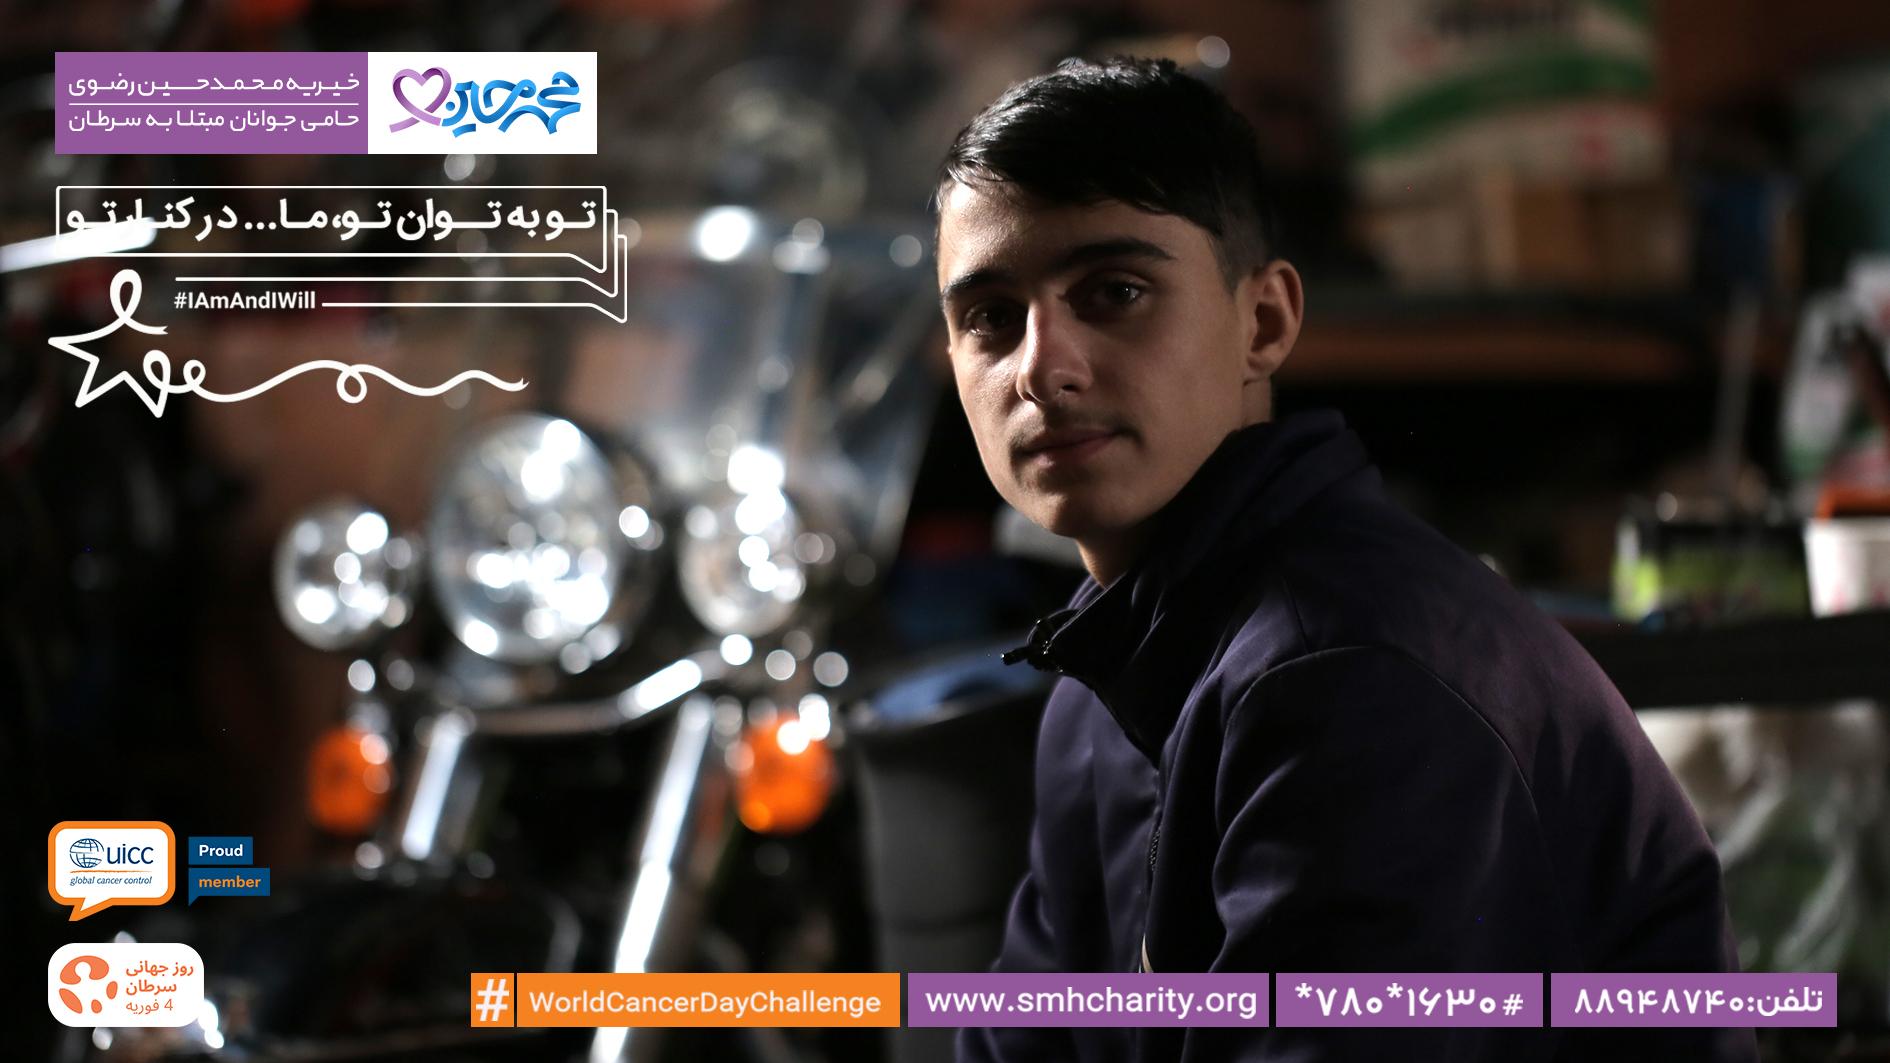 داستان محمدرضا را از زبان خودش بشنوید!